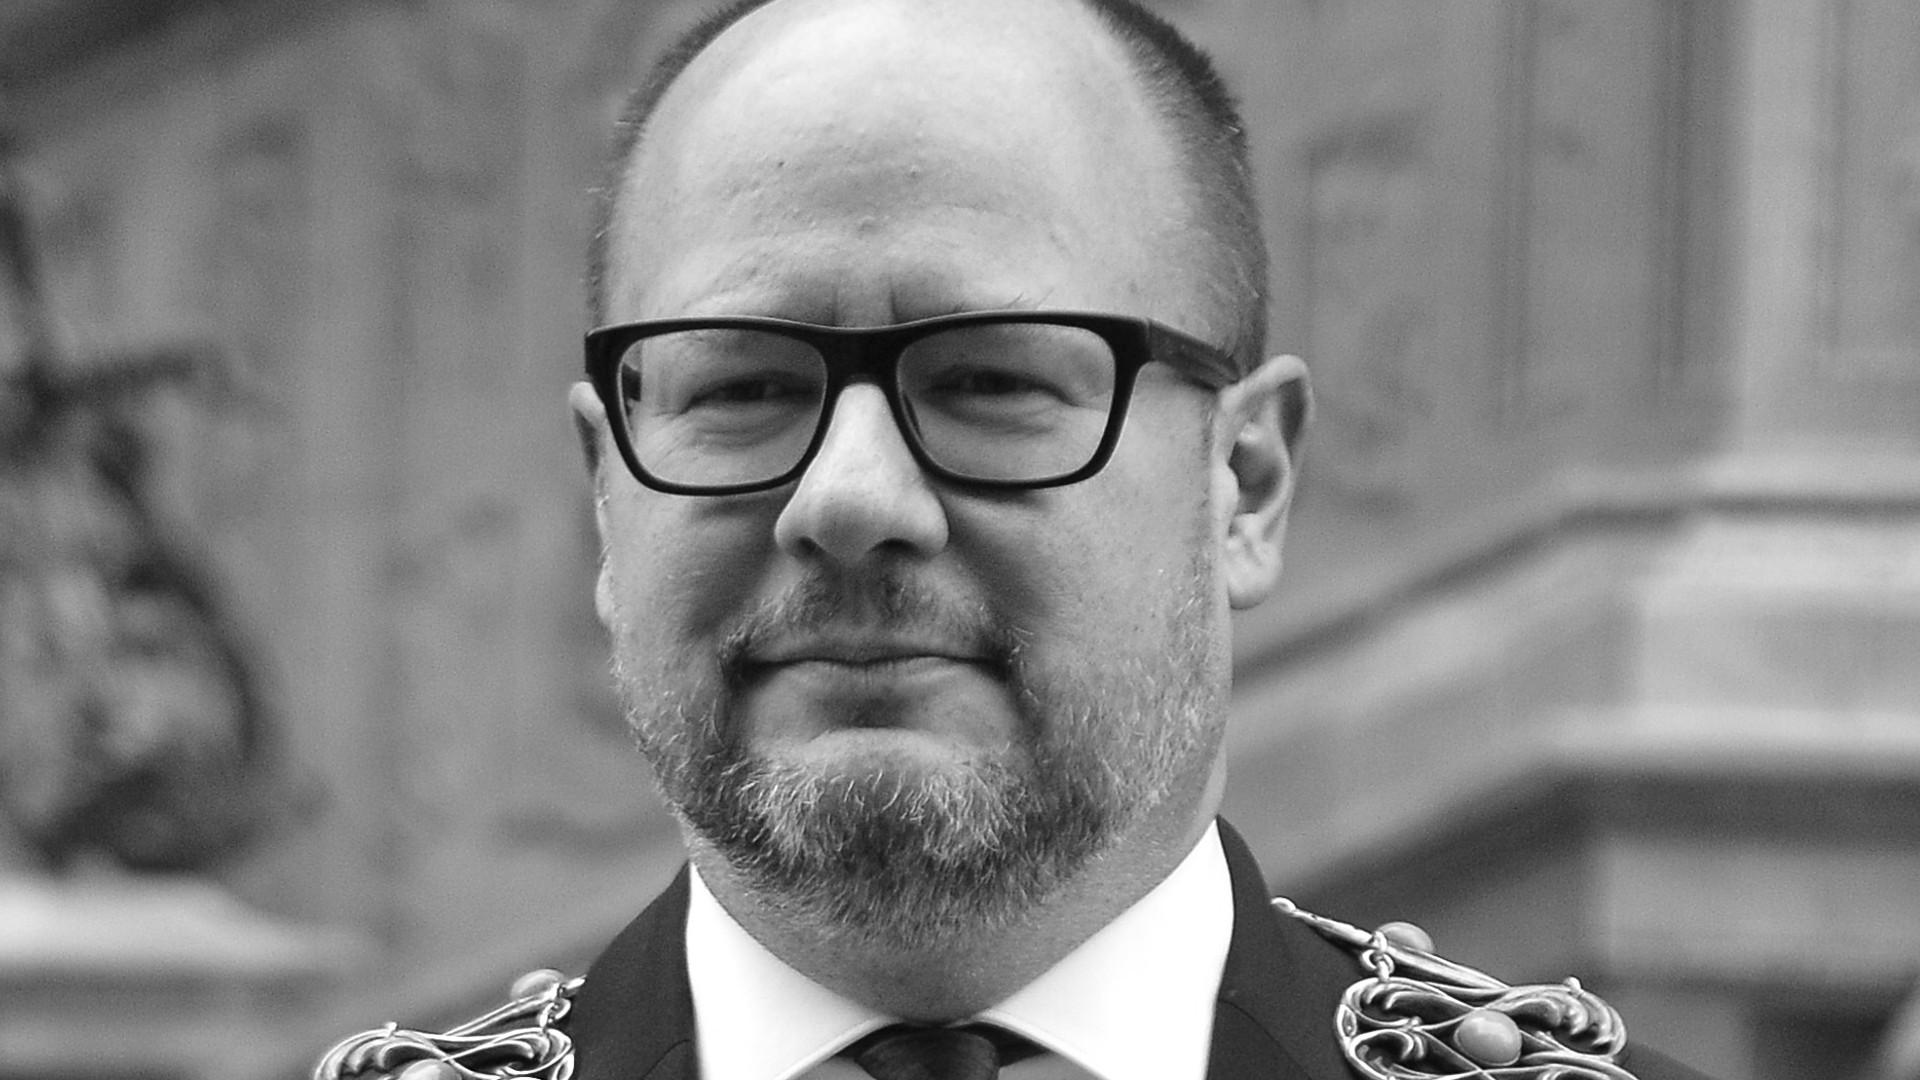 Prezydent Gdańska, Paweł Adamowicz NIE ŻYJE